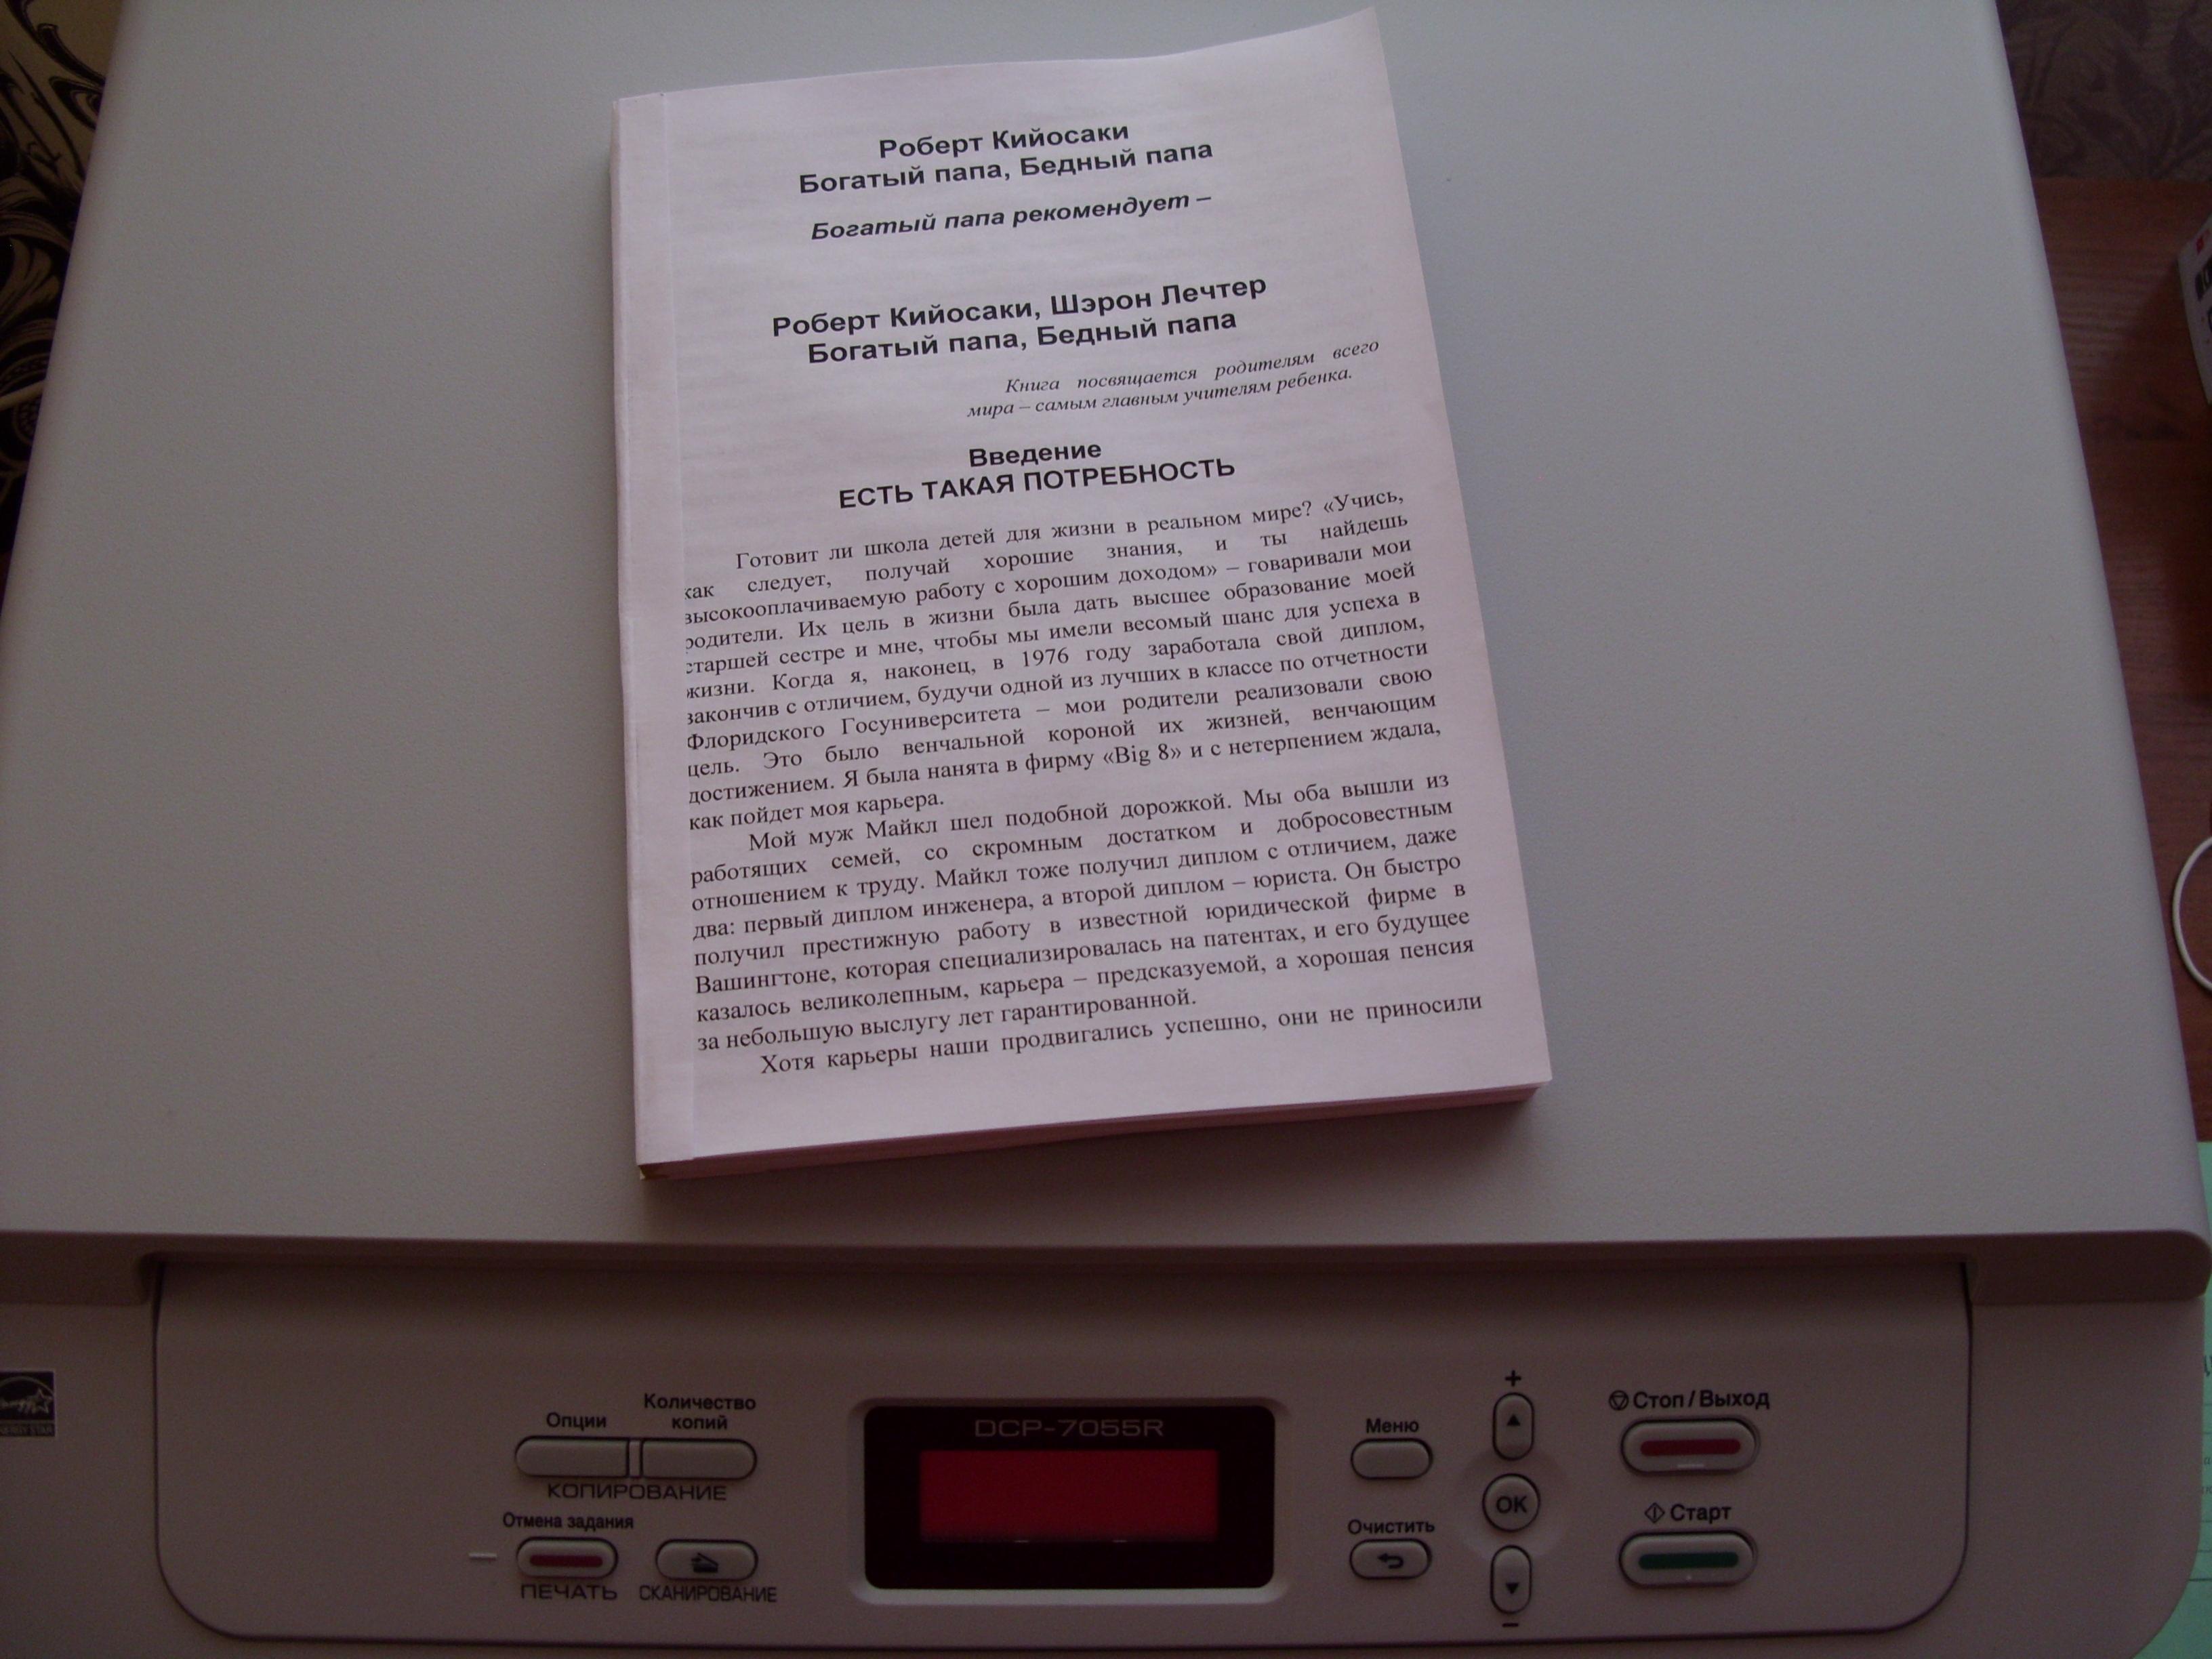 Как из документа word сделать pdf фото 443